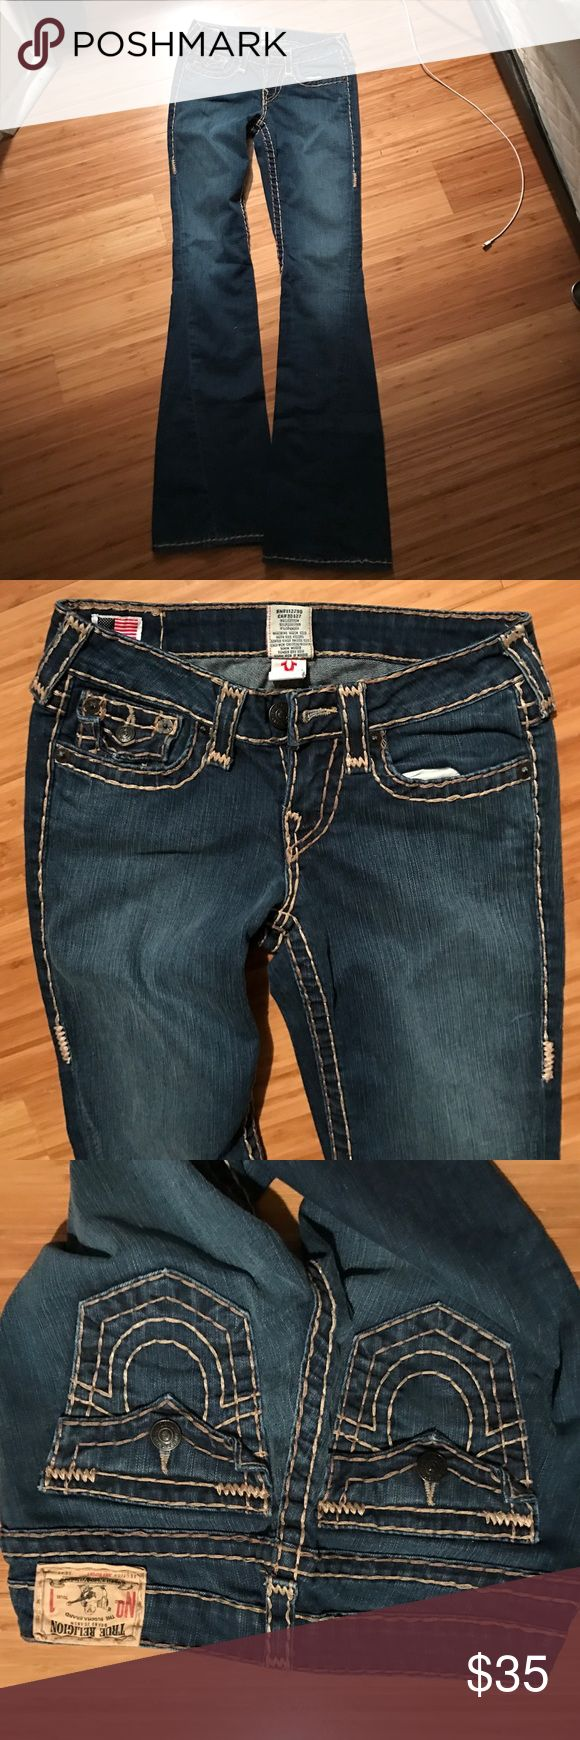 Jeans True religion jeans True religion Jeans Flare & Wide Leg